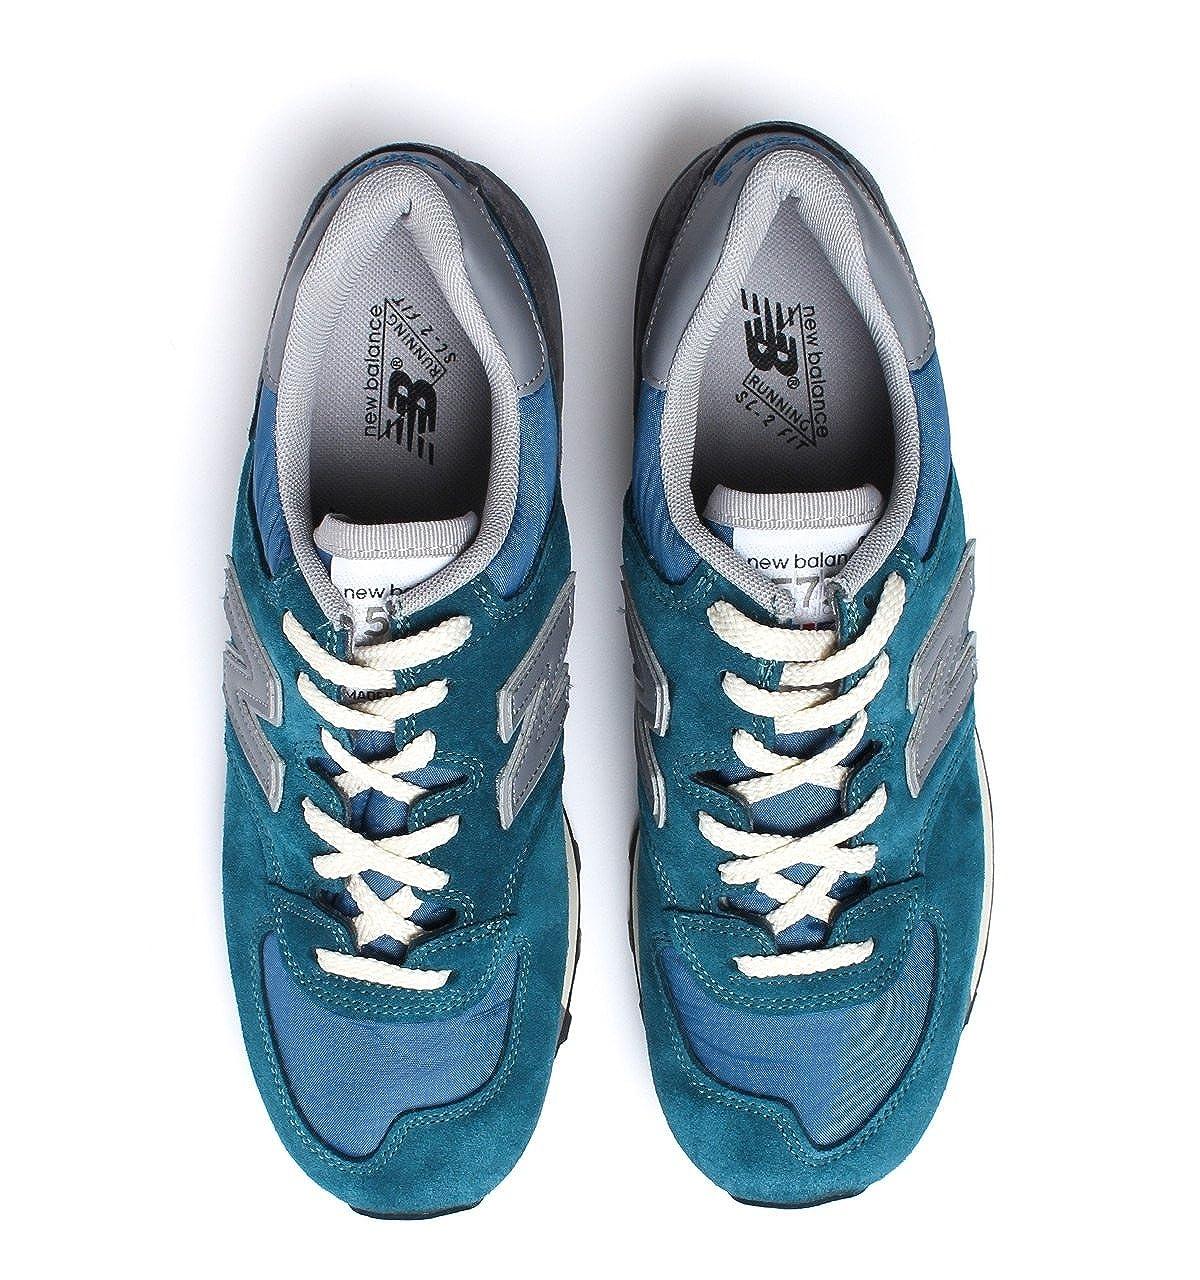 New Balance M575, SNB Blue Grey, 13: Amazon.es: Zapatos y